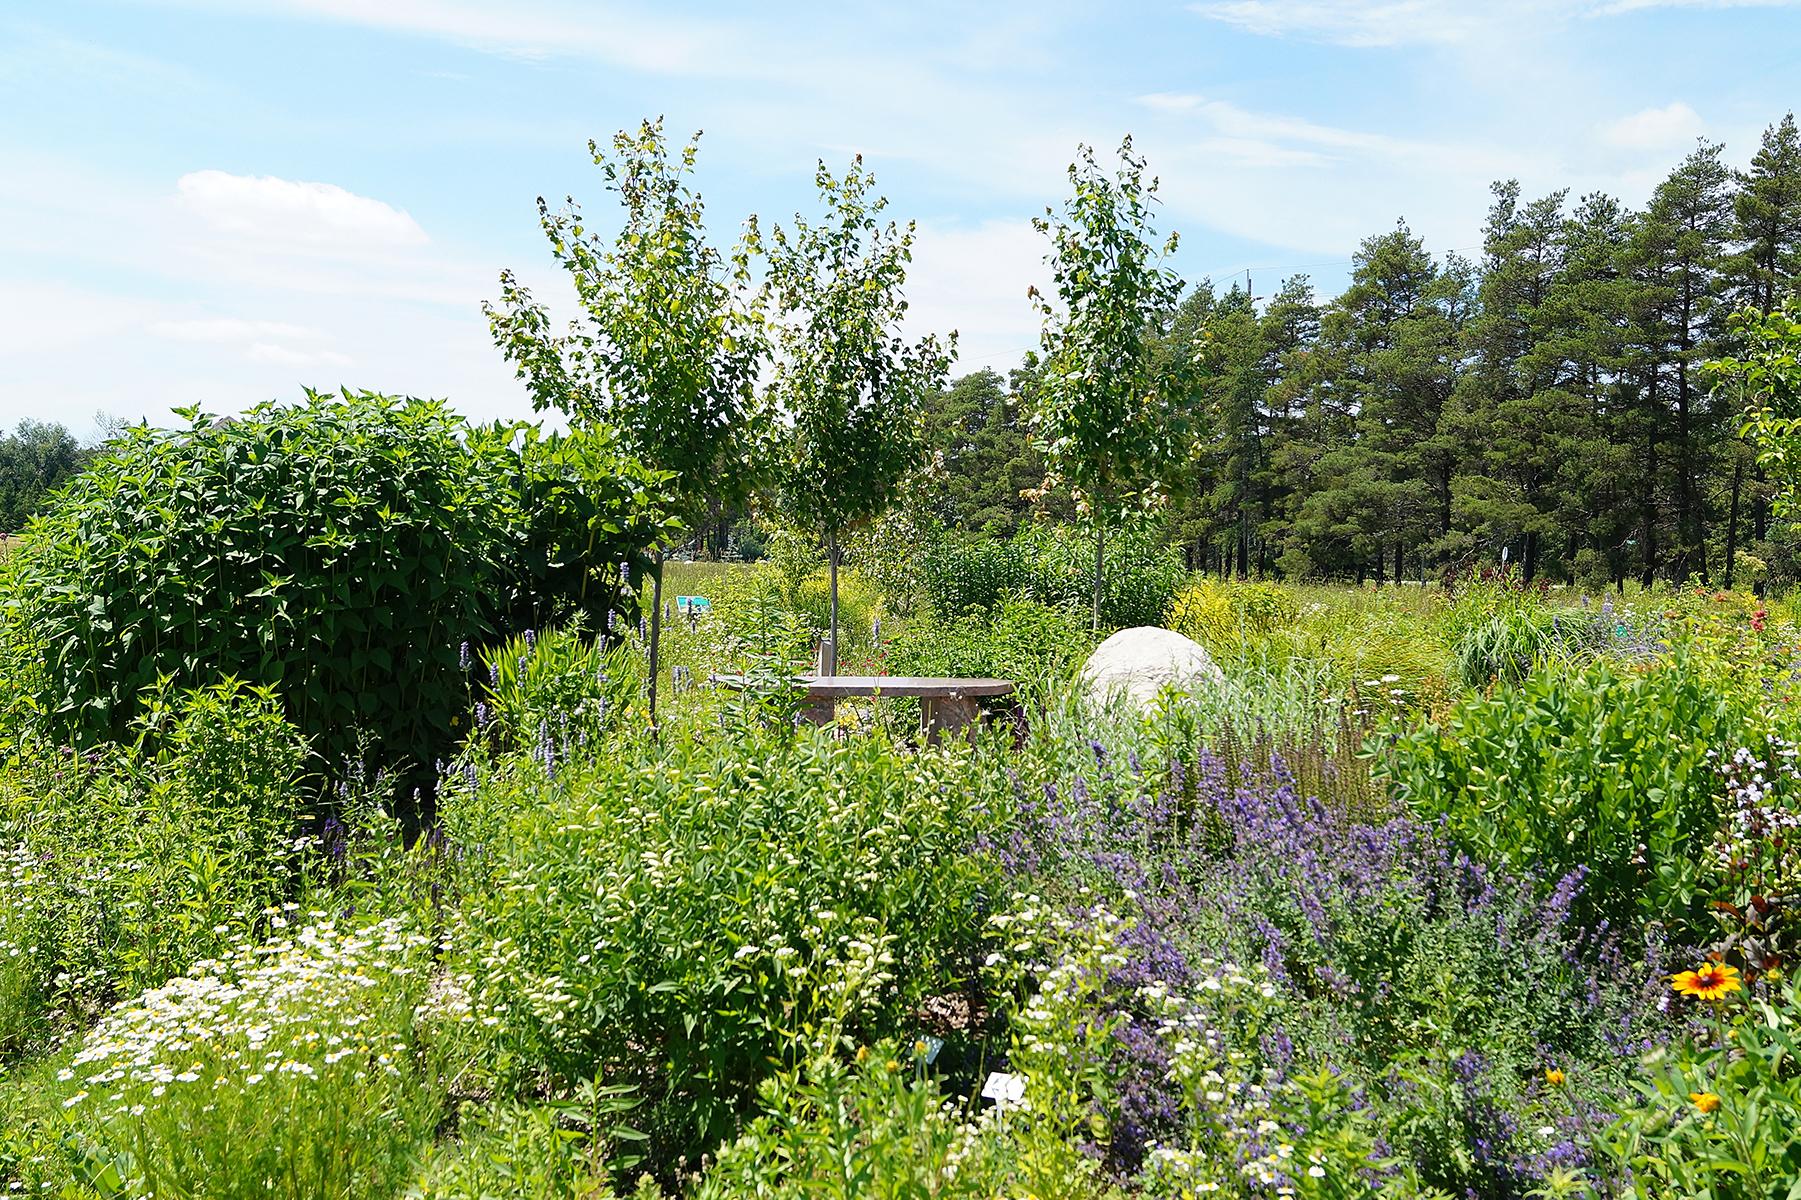 Mono Pollinator Garden